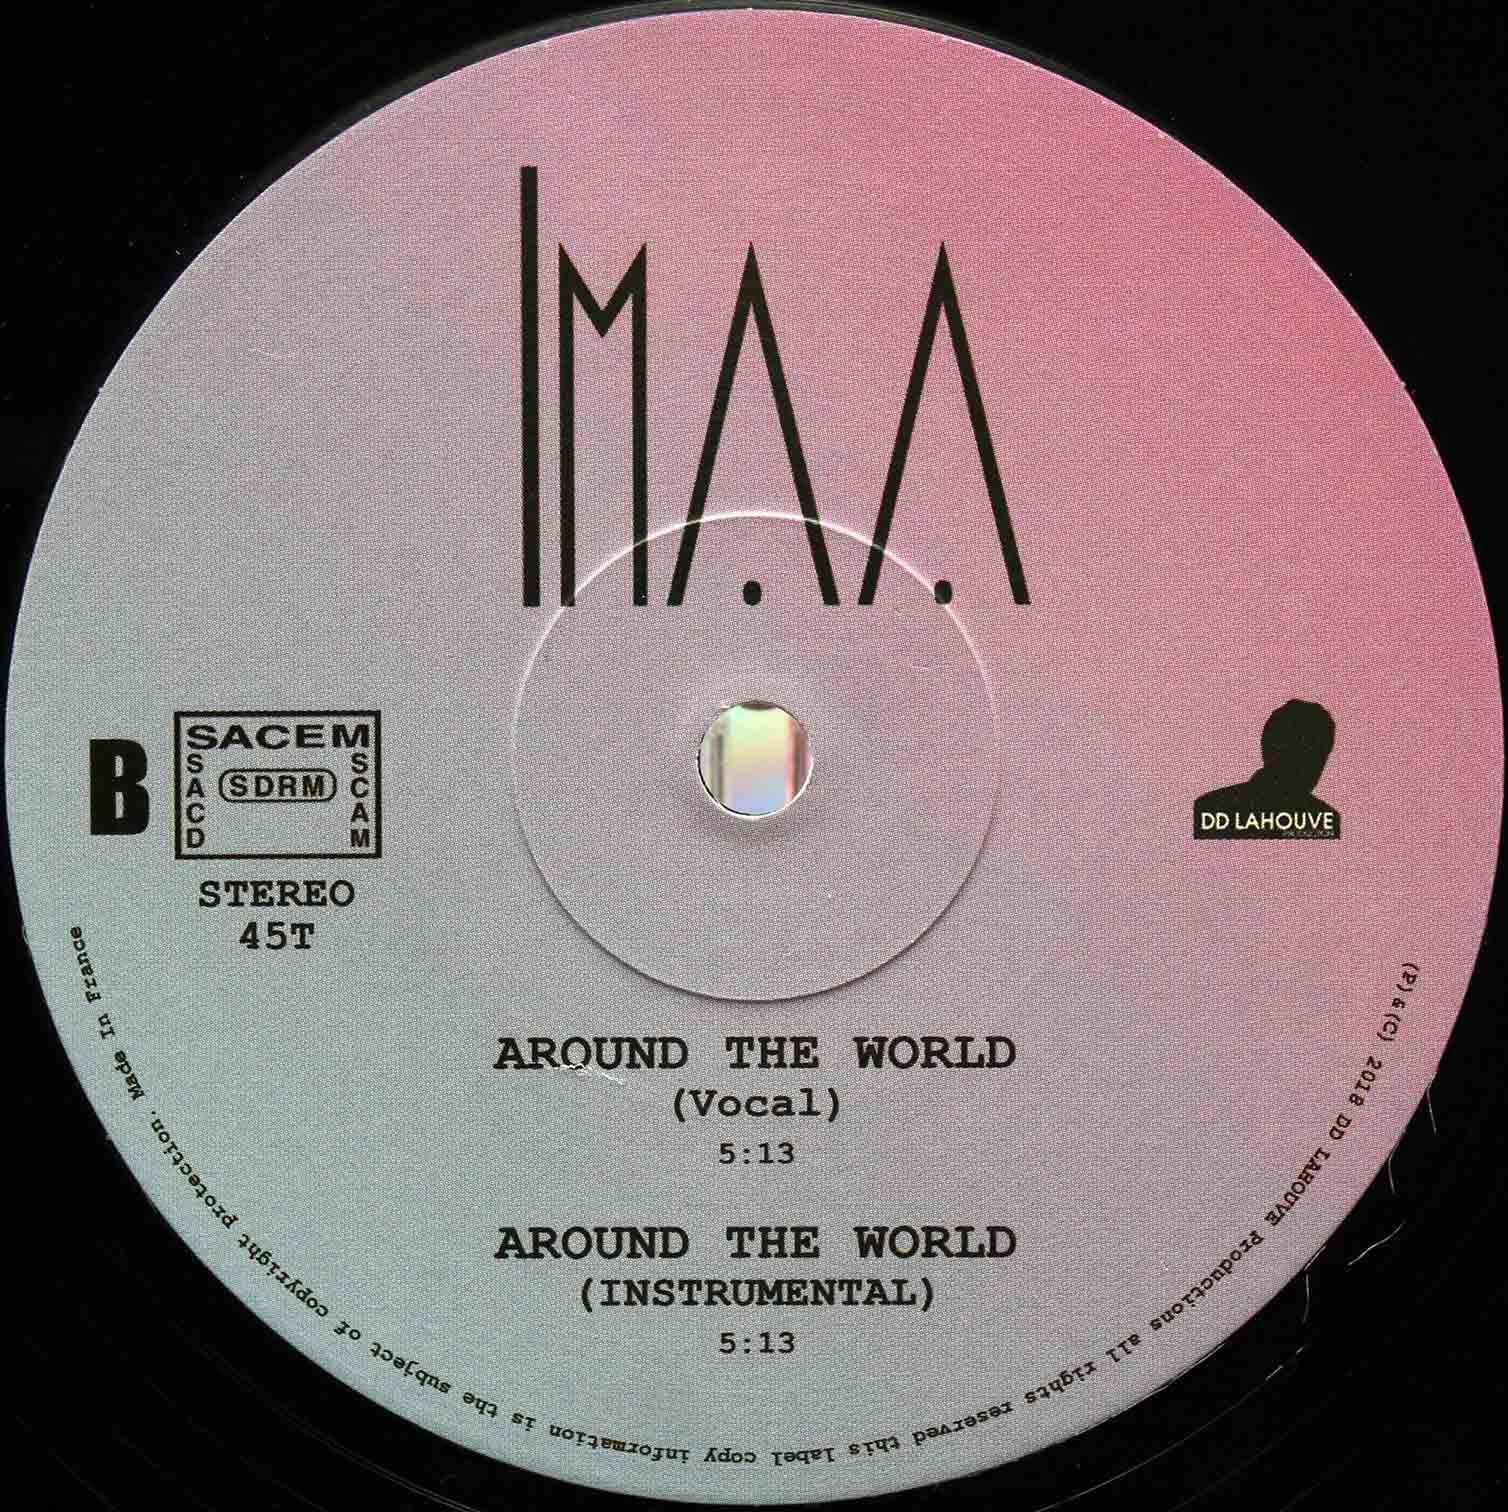 Imaa – Magic Around The World 04